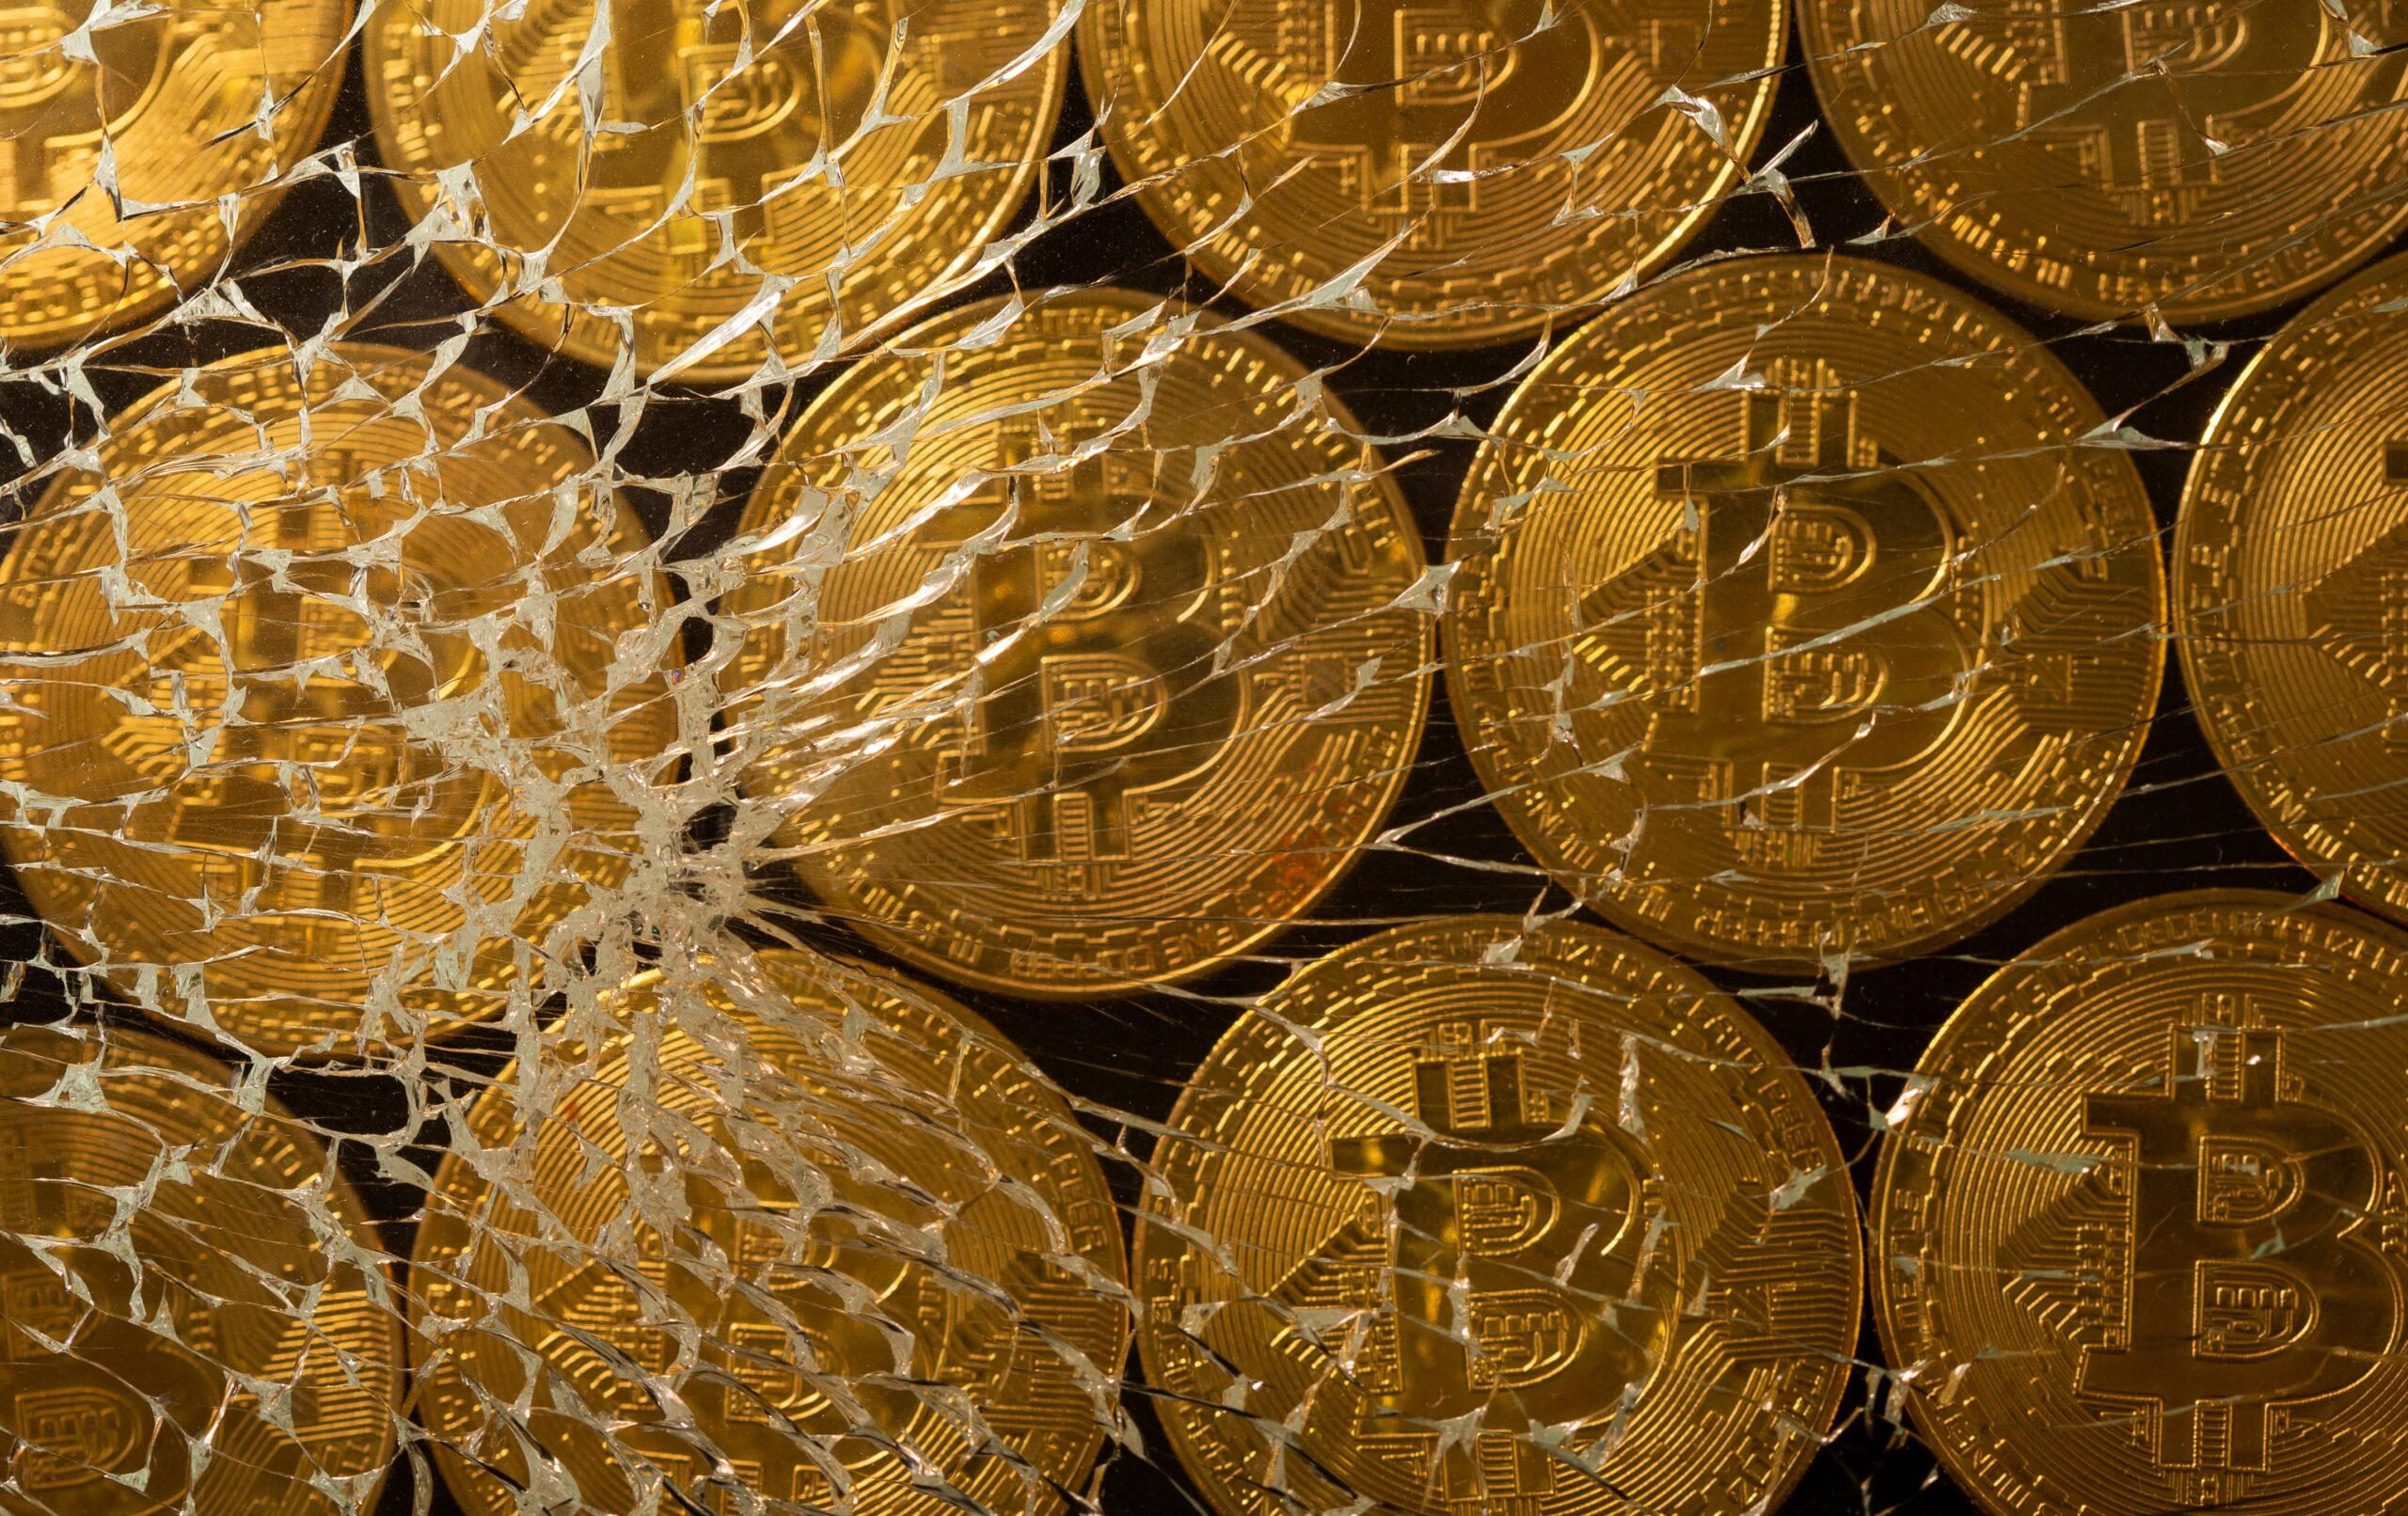 ราคาบิทคอยน์วันนี้ (31 ส.ค.) ปรับลง 3.09% อยู่ที่ 46,915.50 เหรียญสหรัฐ – การเงิน